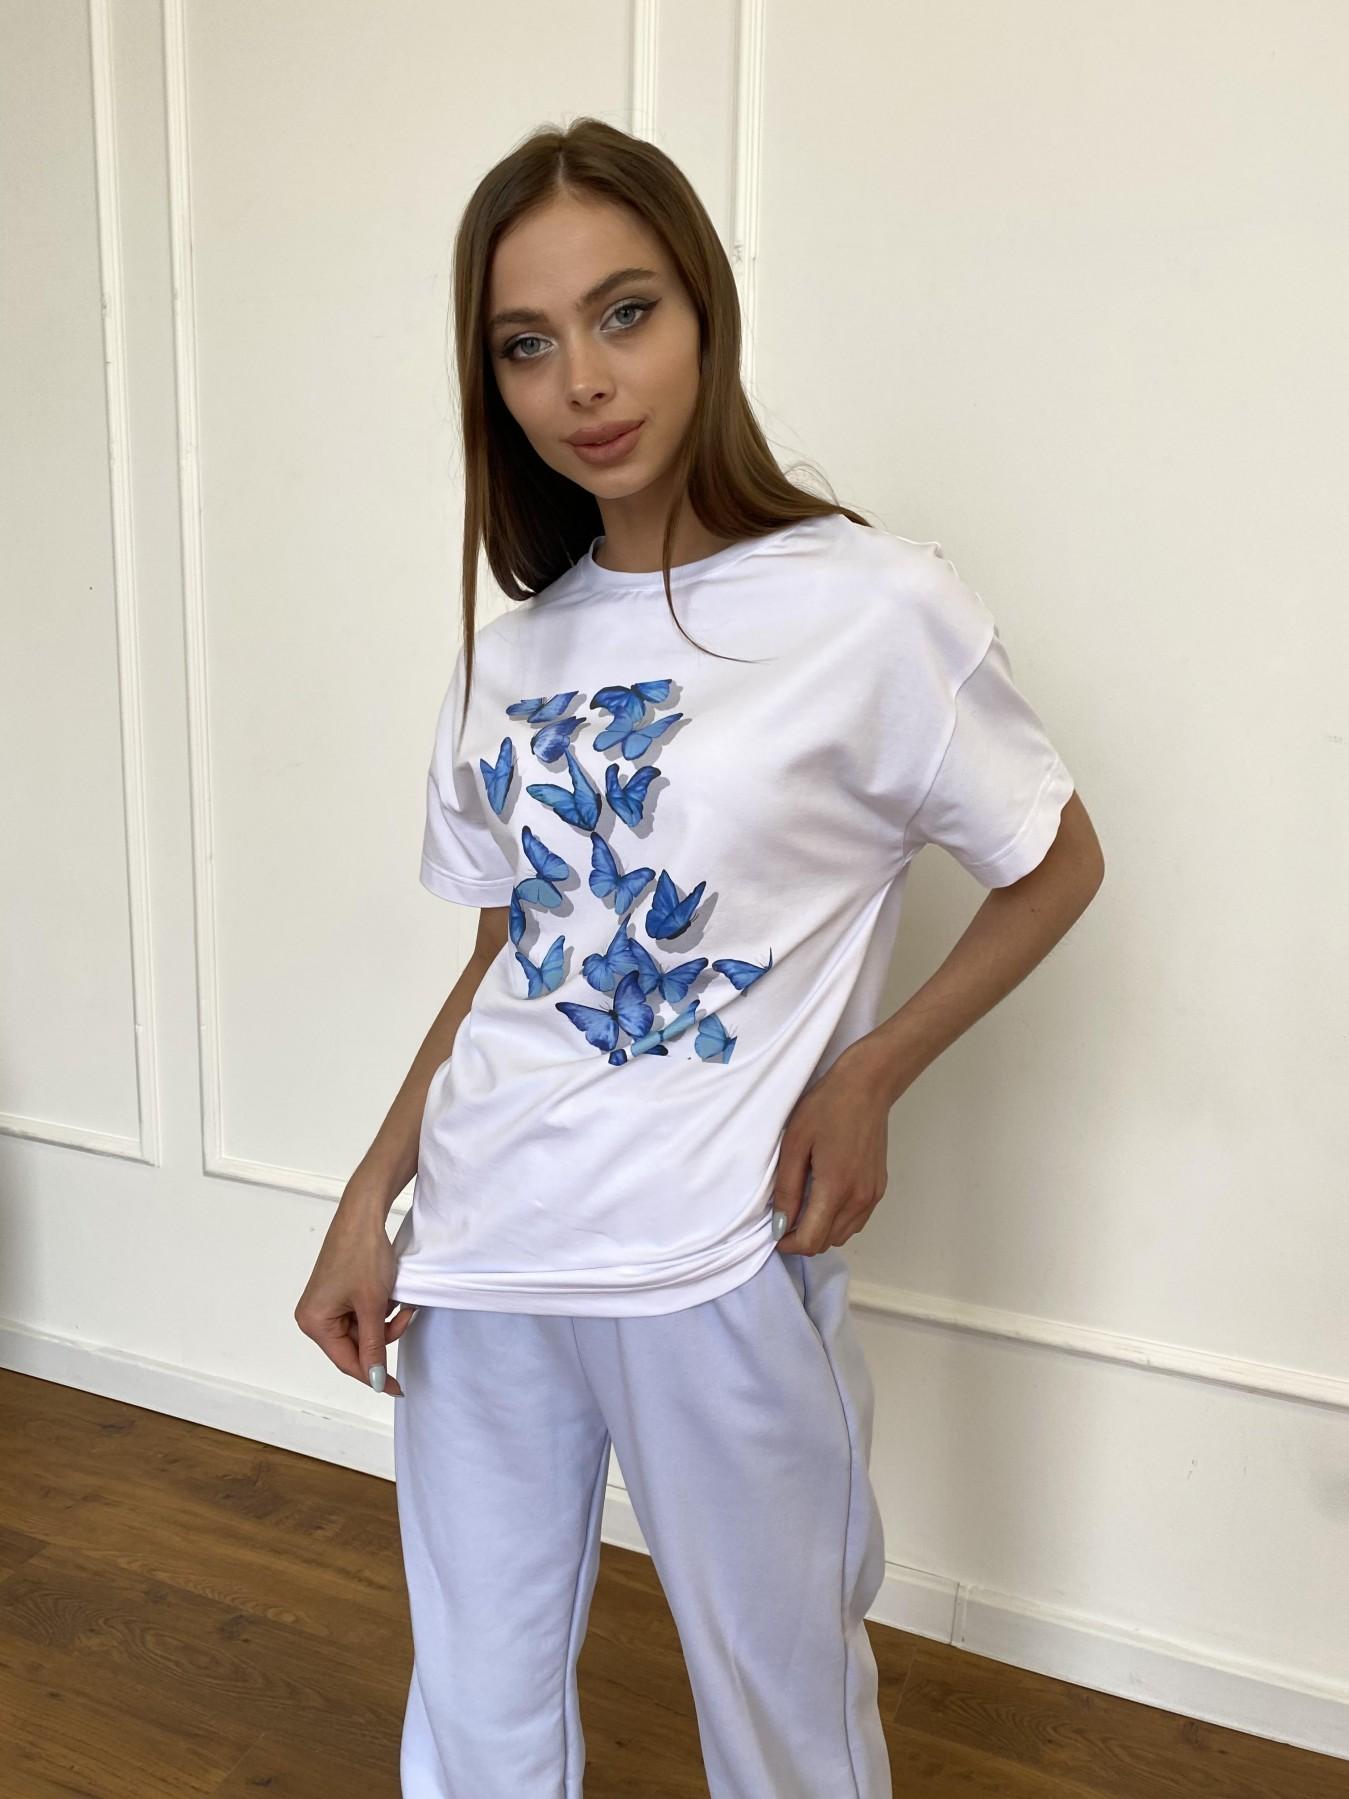 Бабочки футболка из вискозы однотонная хлопок 11232 АРТ. 47752 Цвет: Белый - фото 4, интернет магазин tm-modus.ru